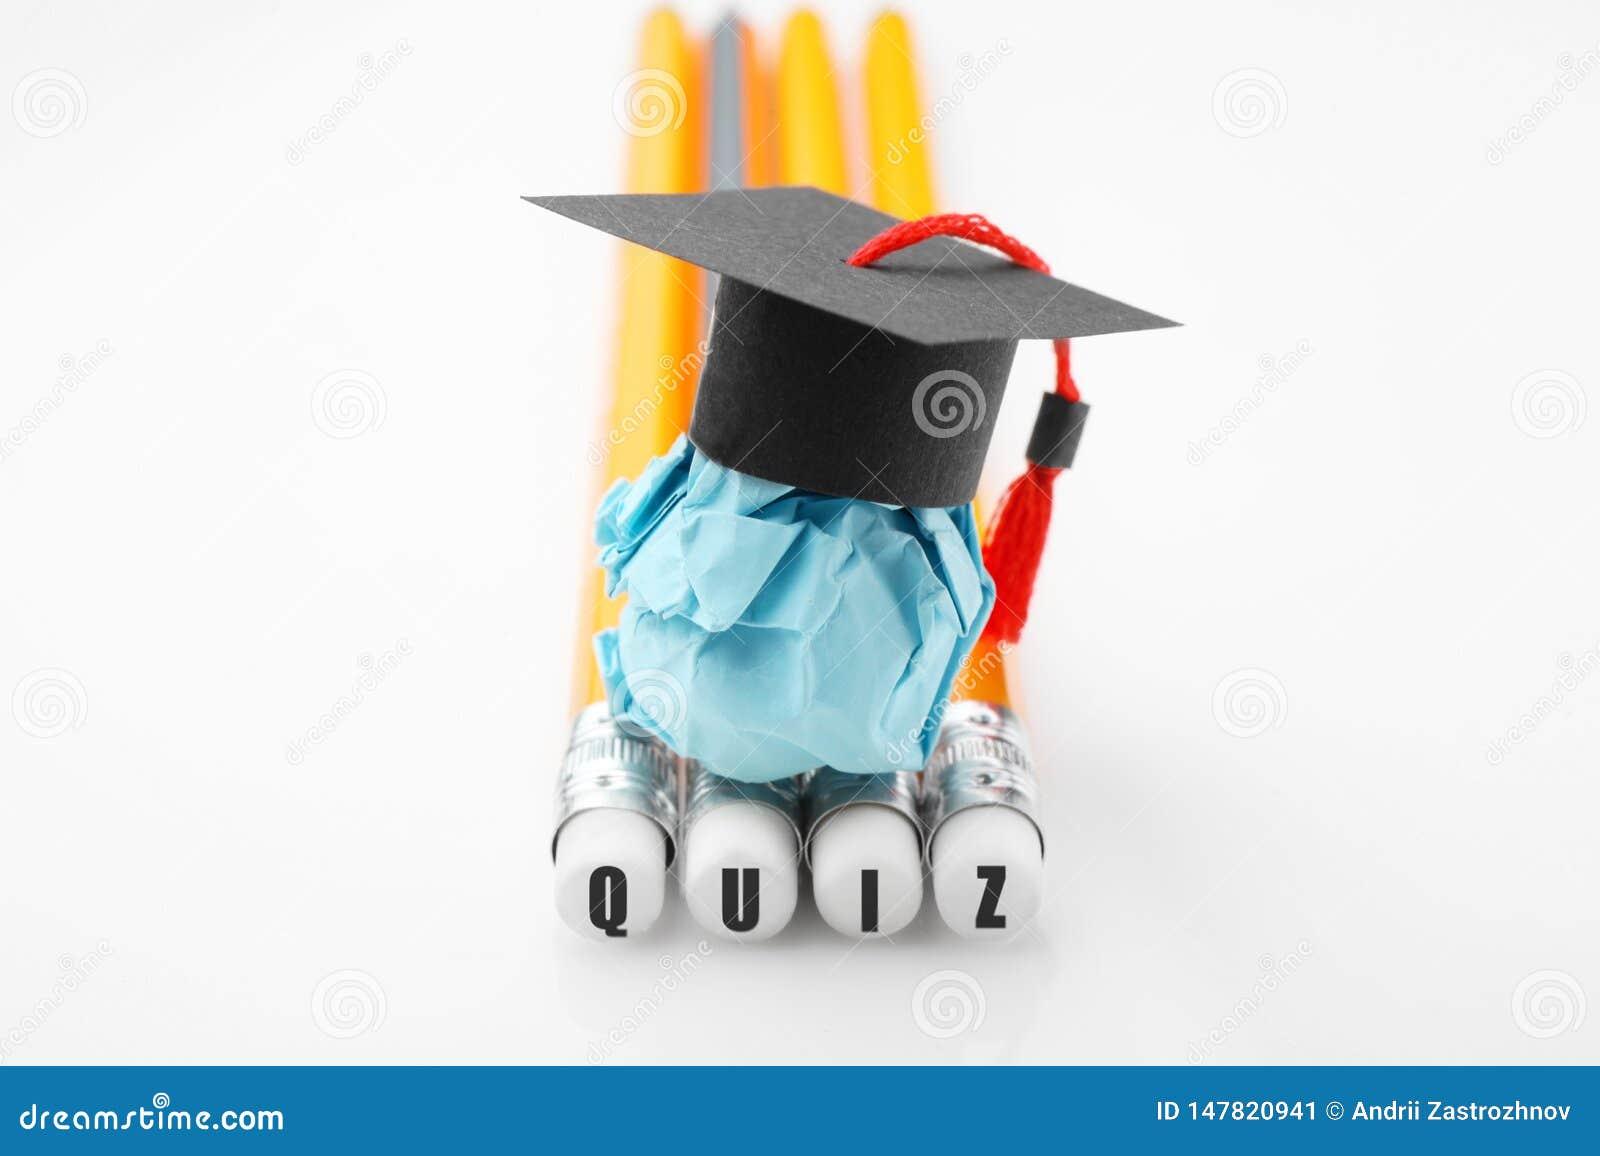 Potloden met QUIZinschrijving Document onderwijscijfer met graduatie GLB